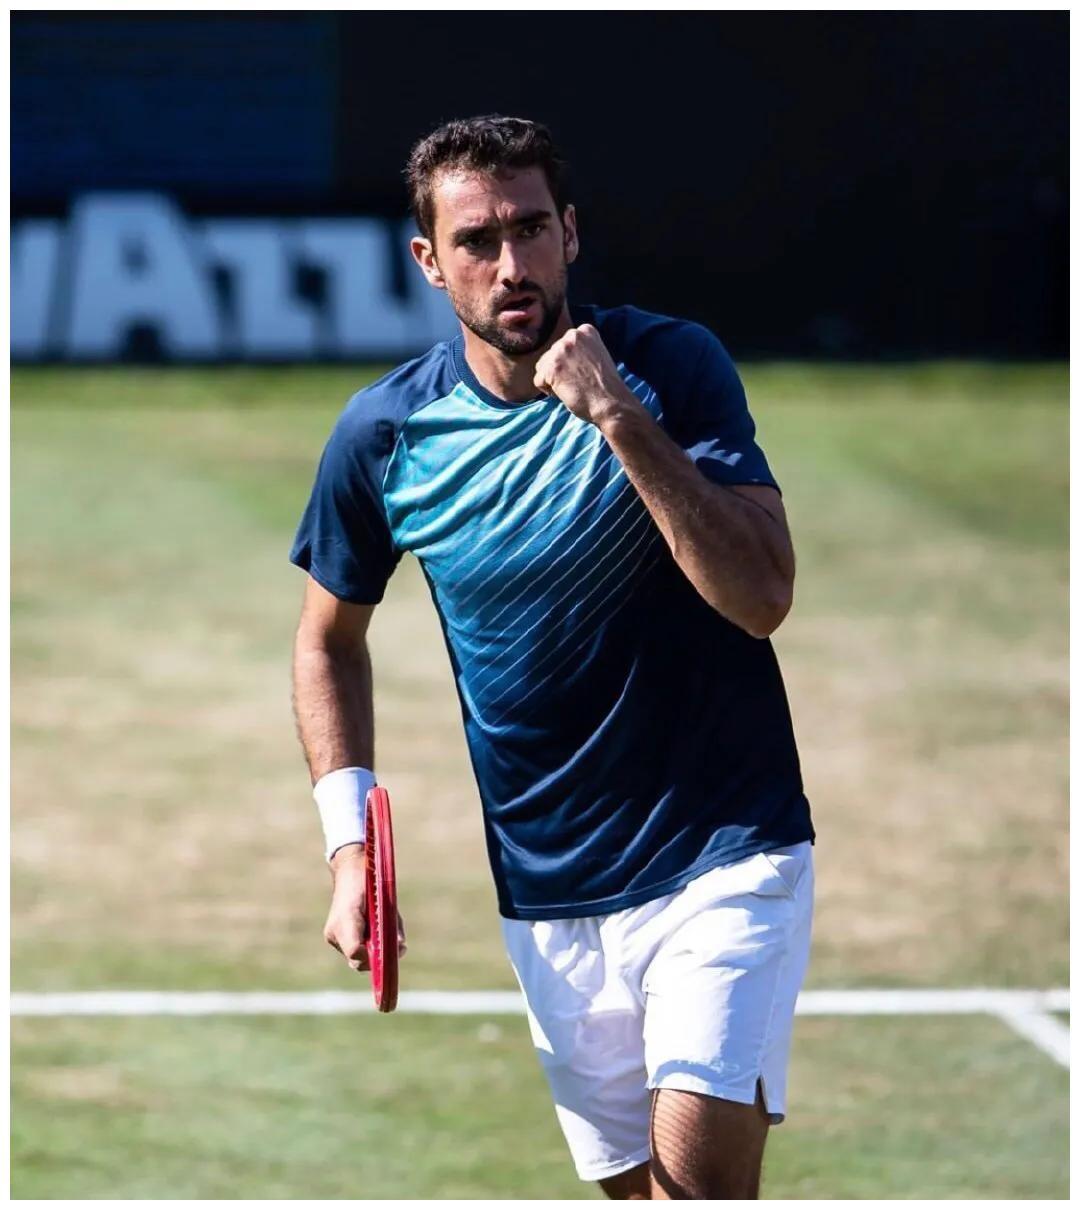 斯图加特网球公开赛:老将西里奇夺冠,阿利亚西姆遭遇决赛8连败